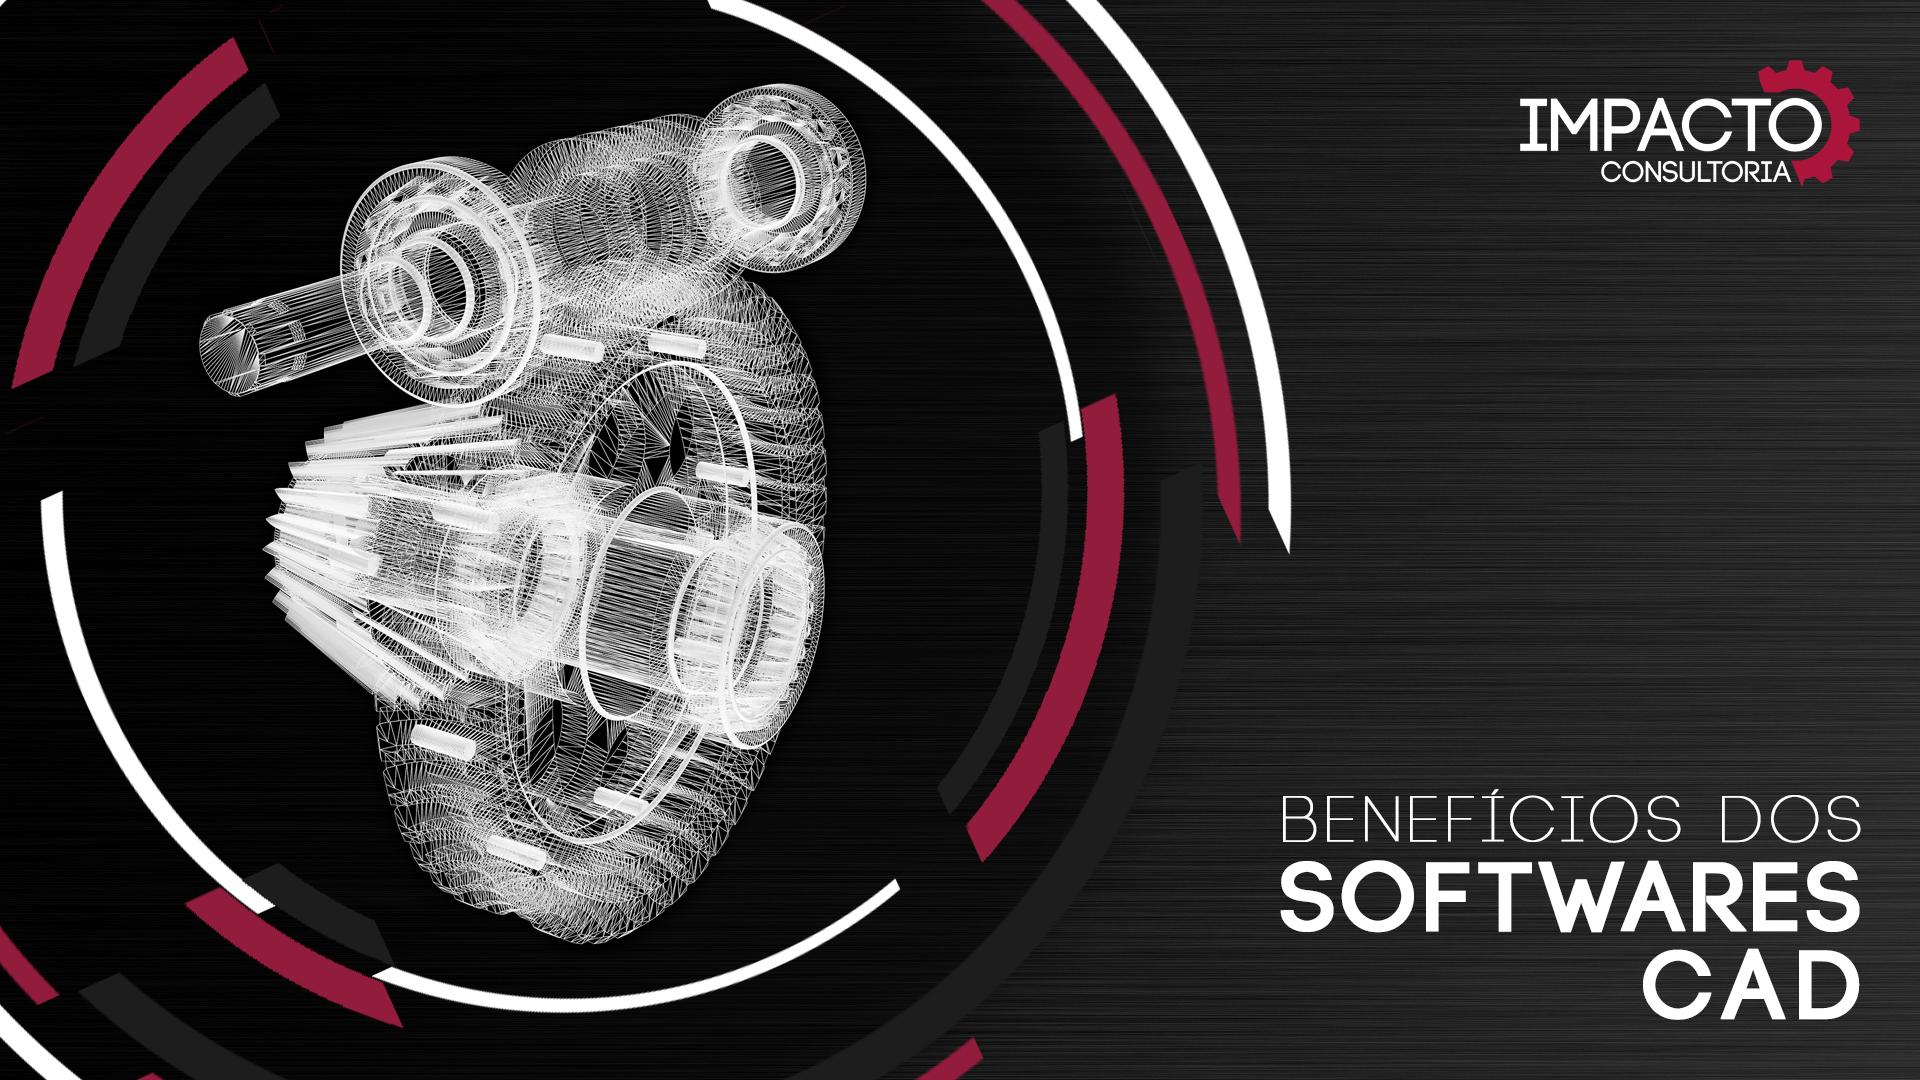 Benefícios dos softwares CAD